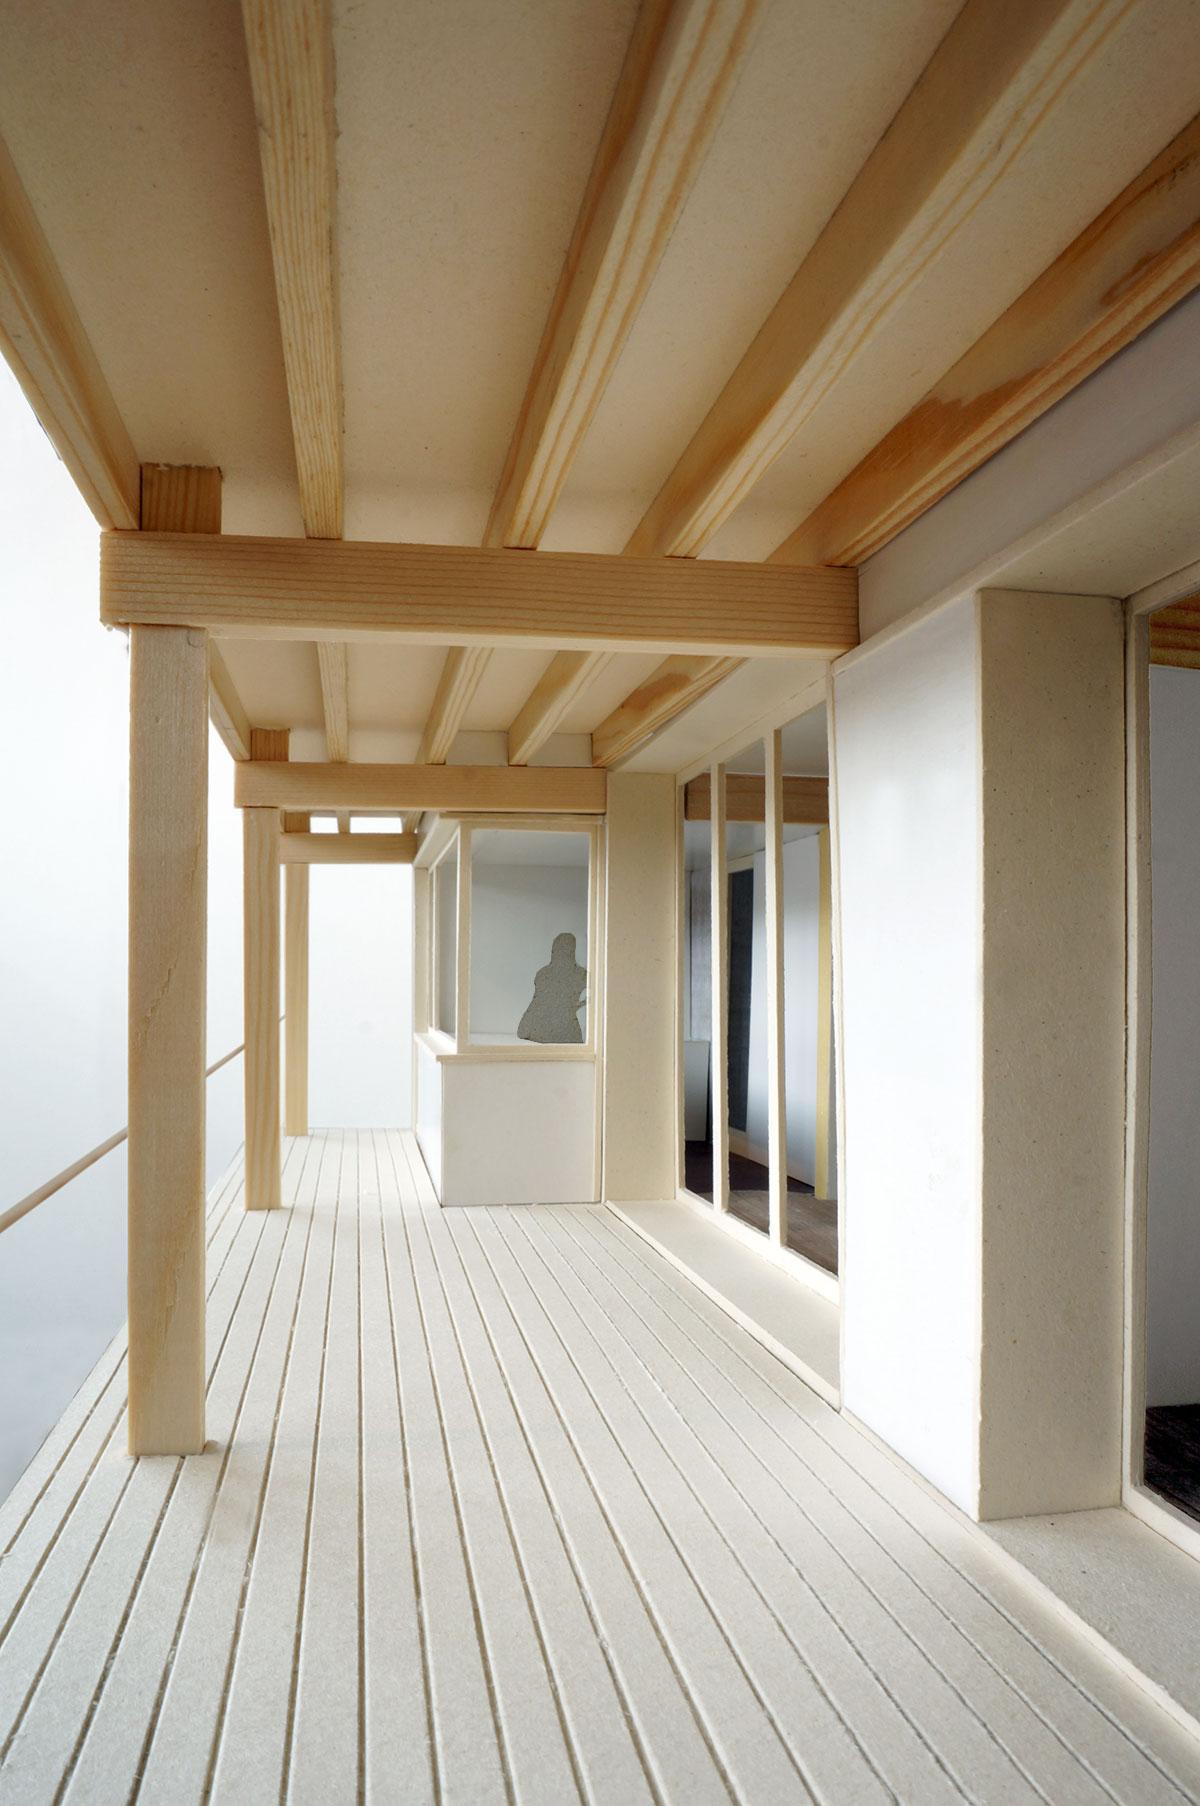 Wohn berbauung moos teilgebiet 2 cham loeliger strub for Fenster cham